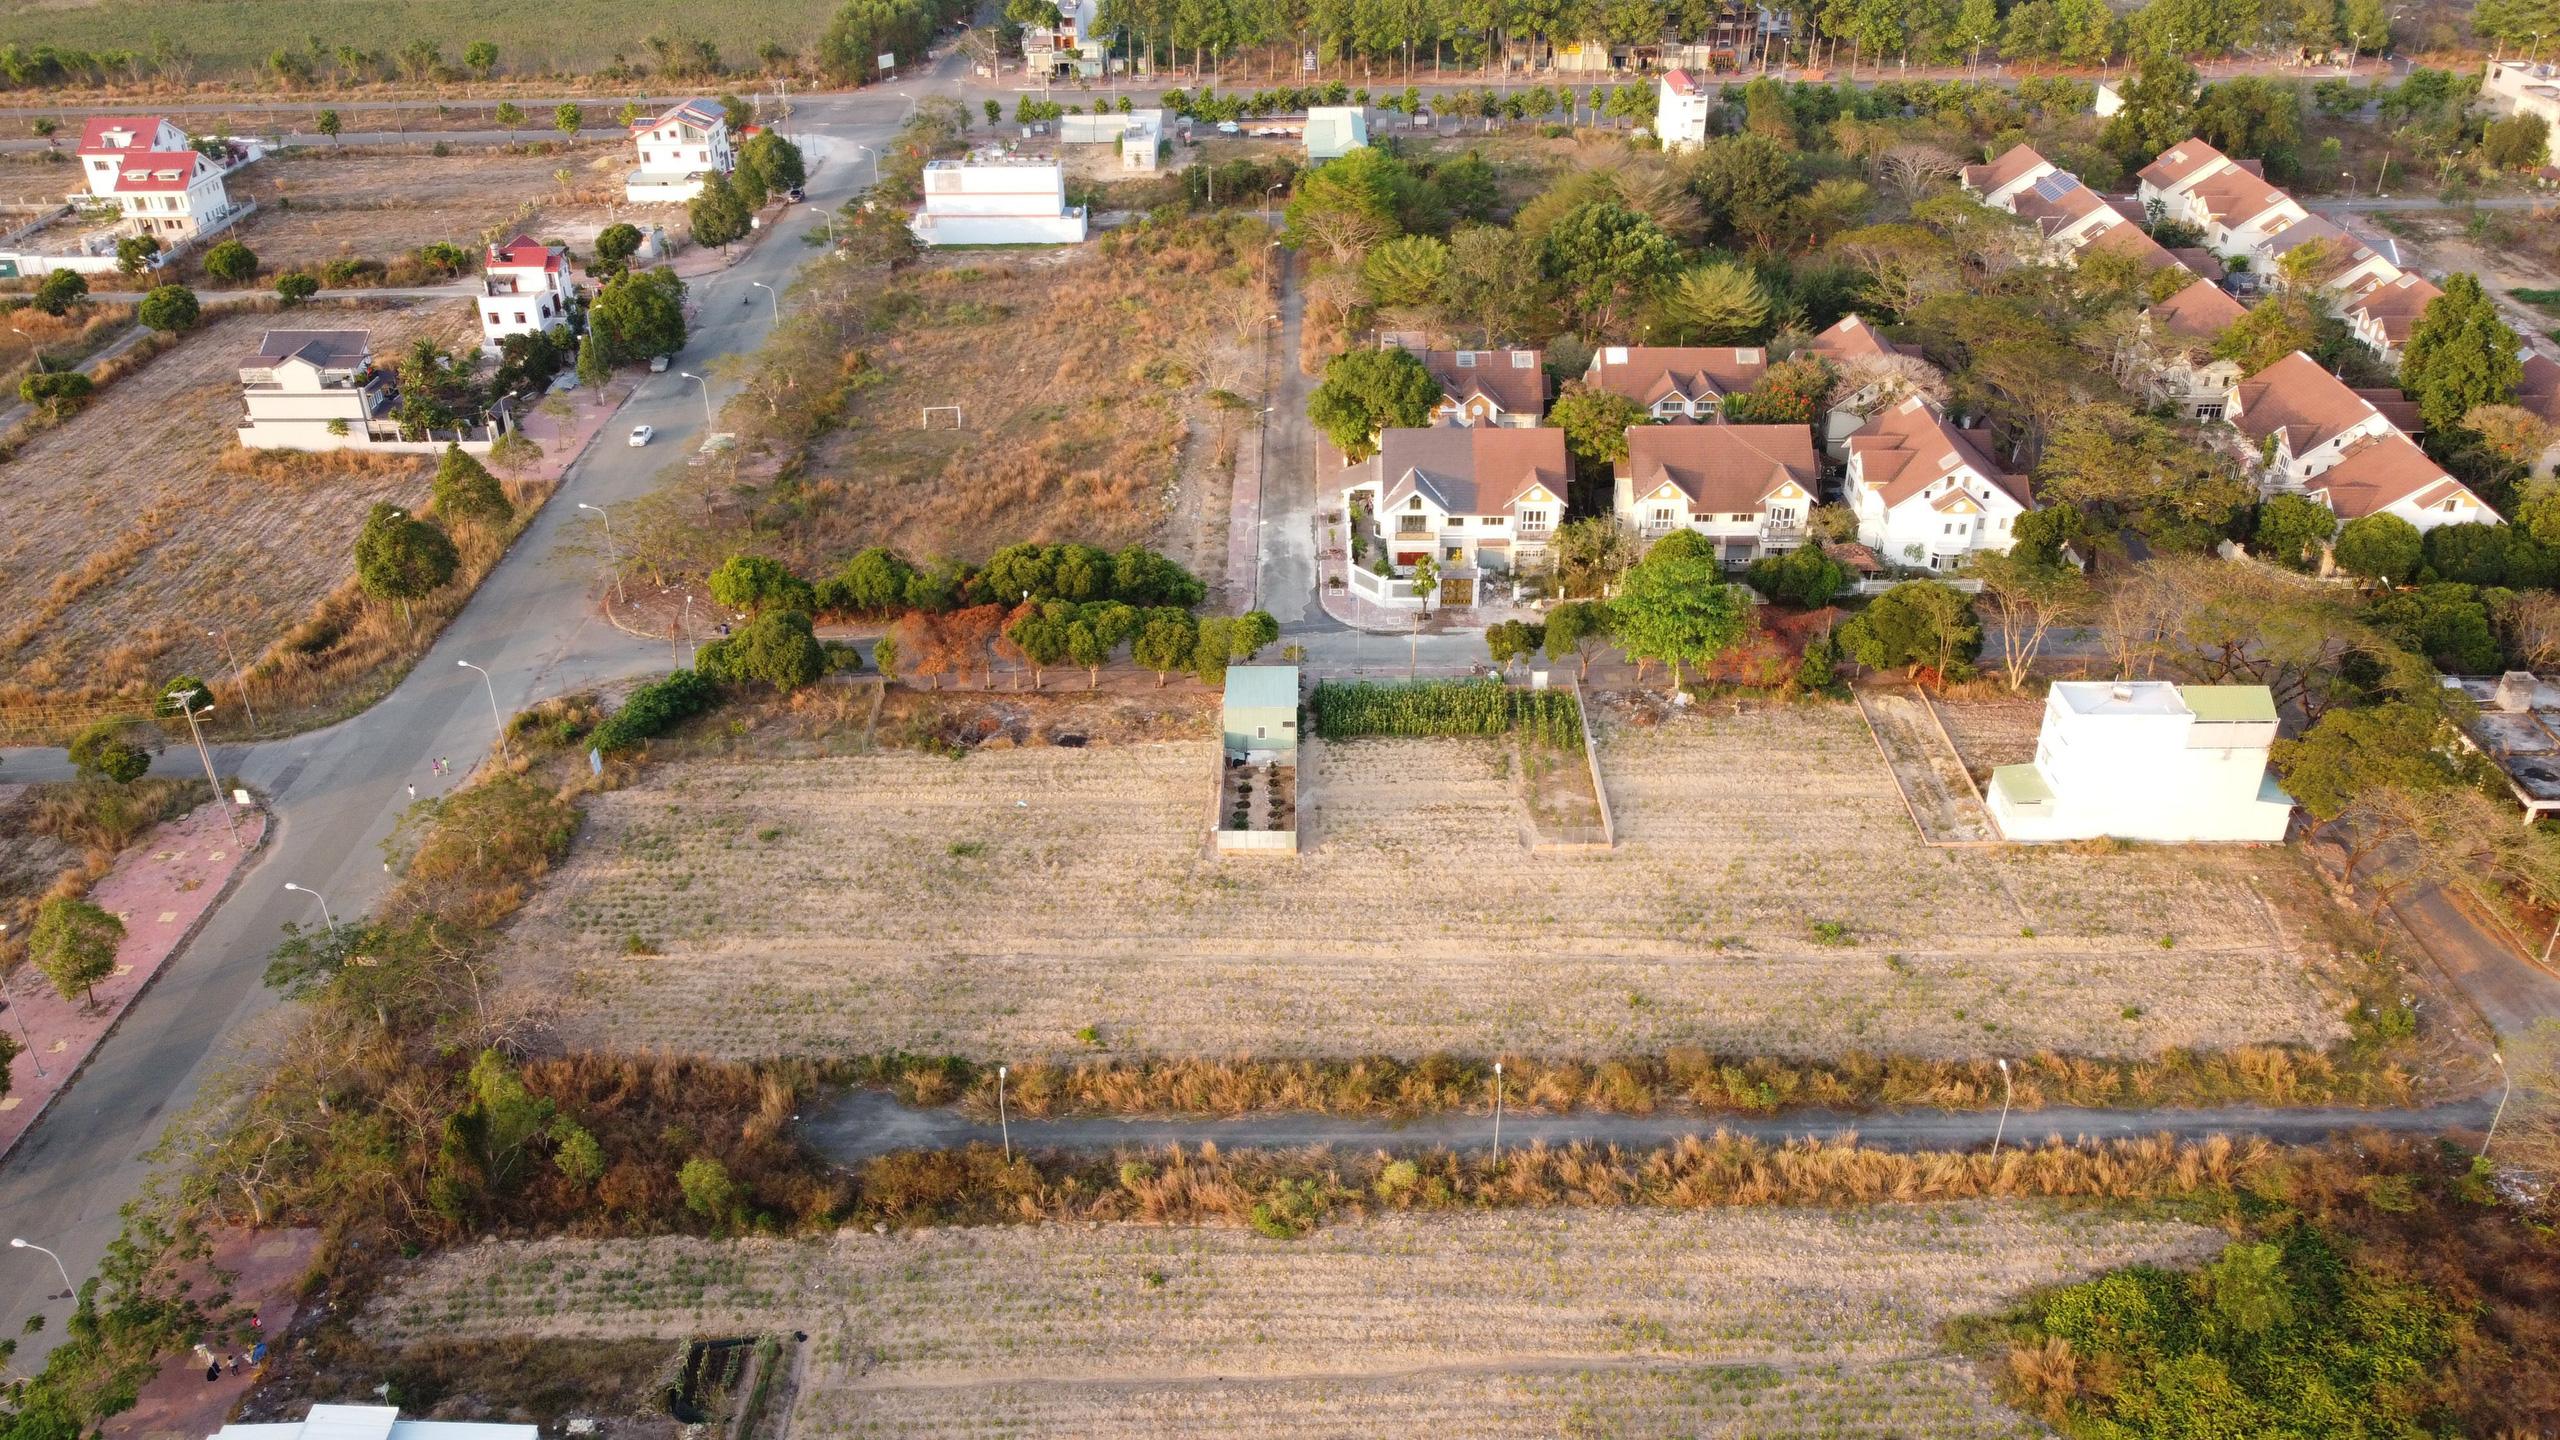 Nhiều khu dân cư, biệt thự bỏ hoang tại Đồng Nai - Ảnh 1.